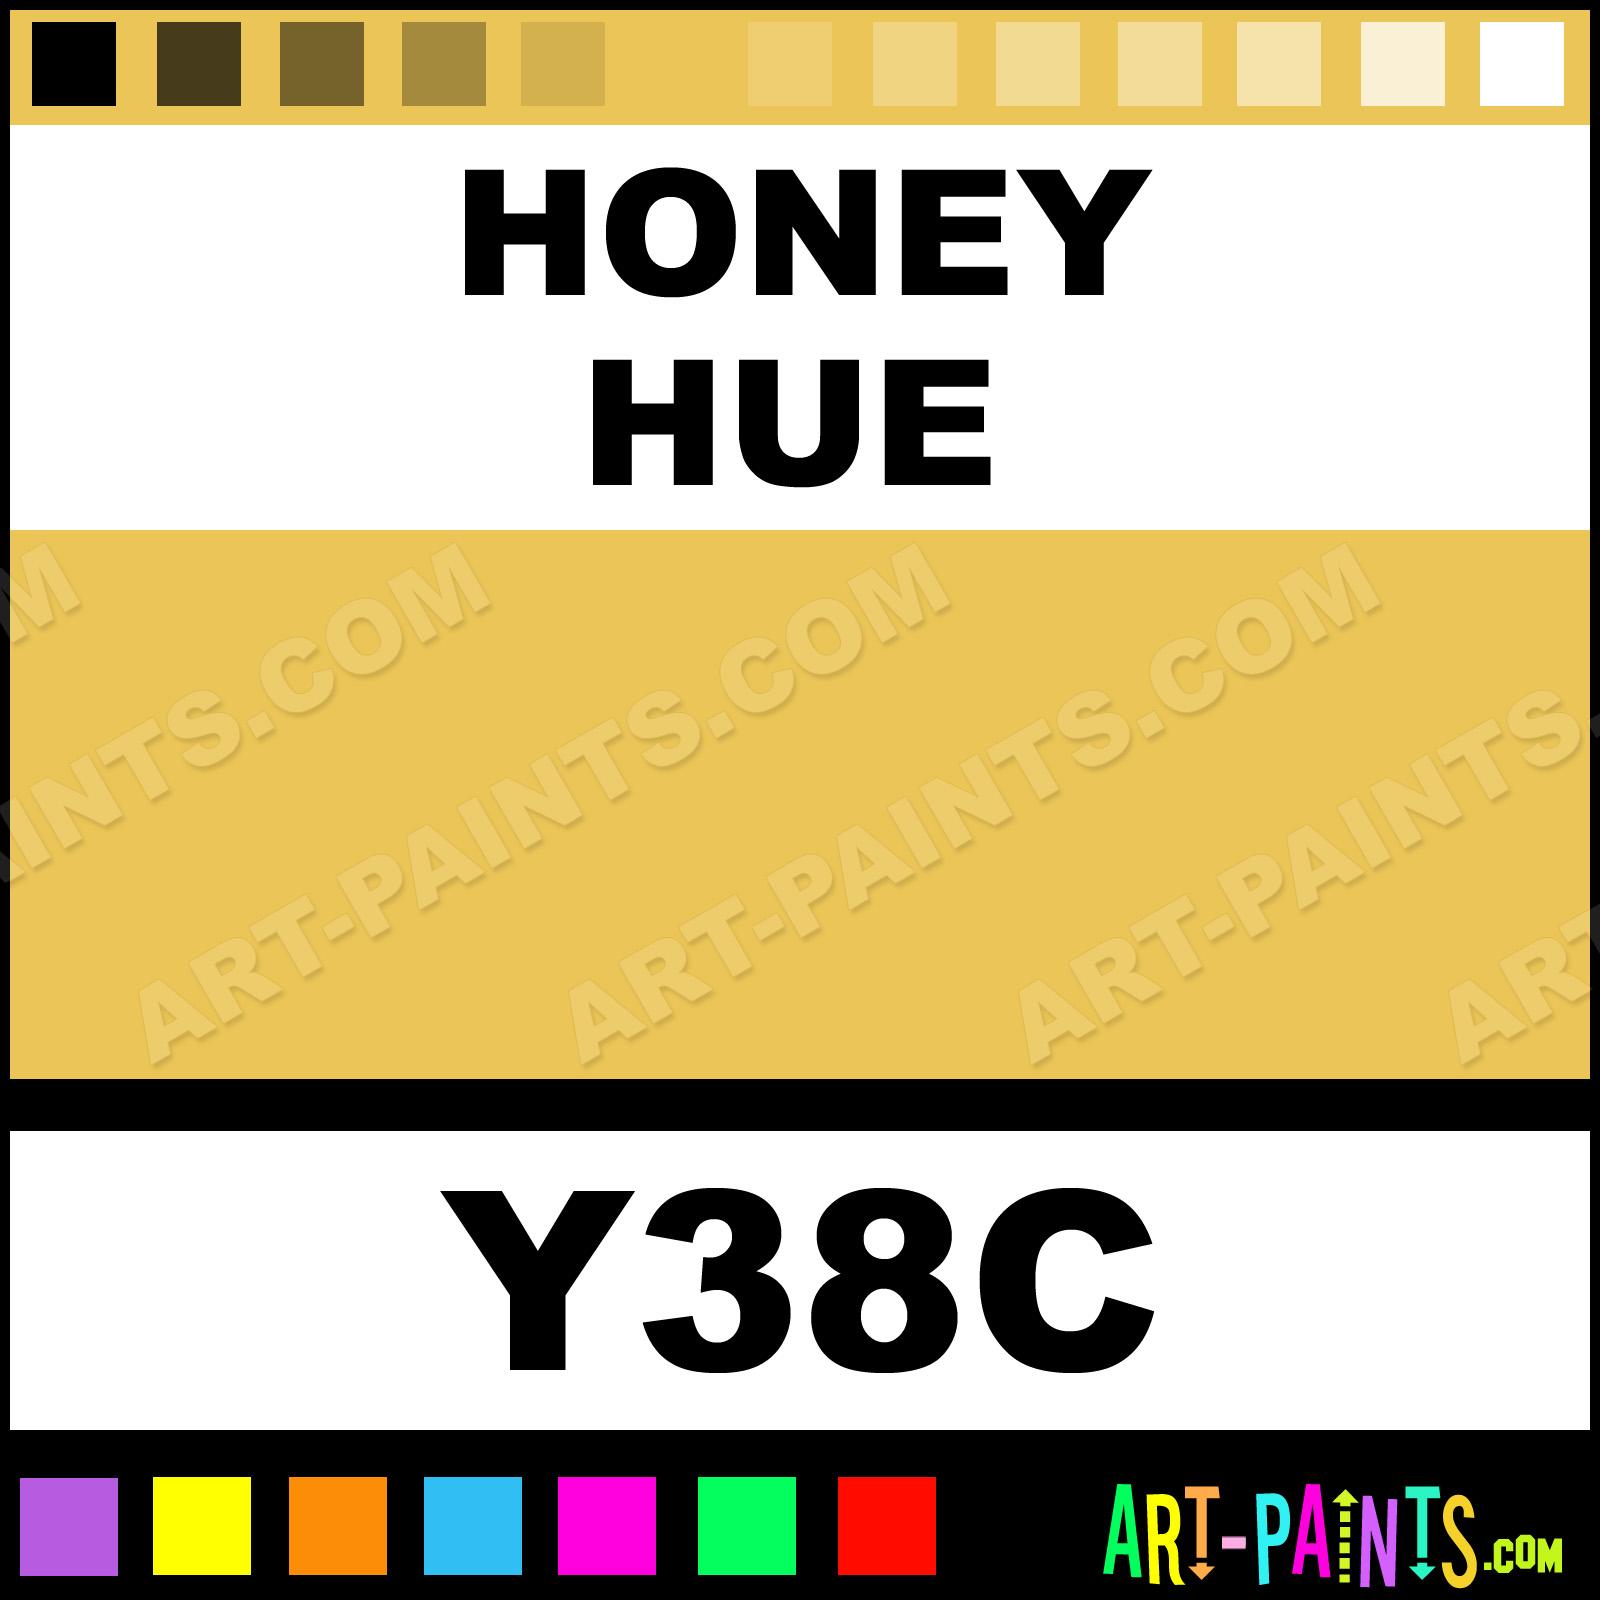 how to detect original honey